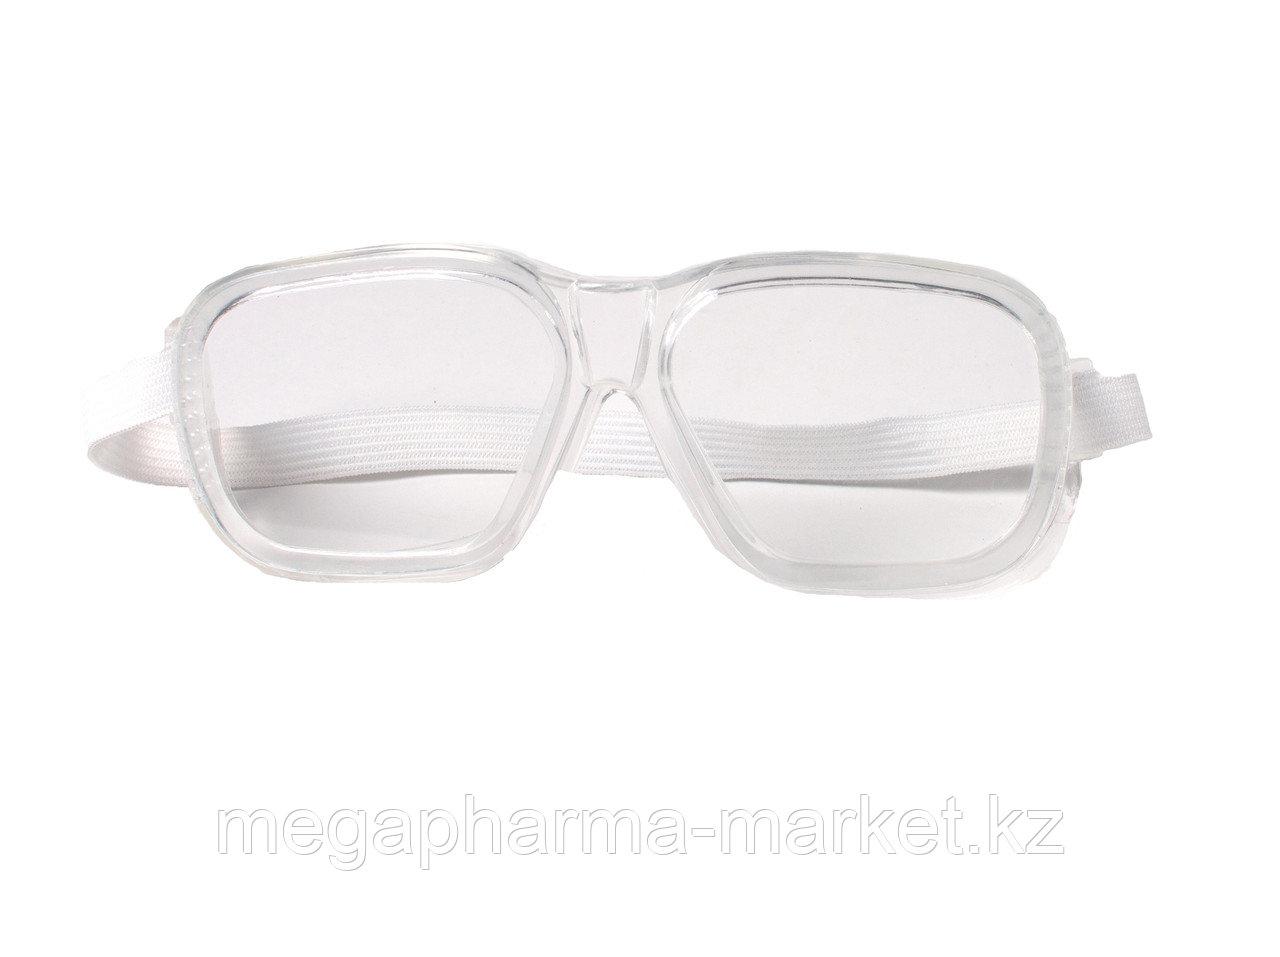 Защитные очки - фото 2